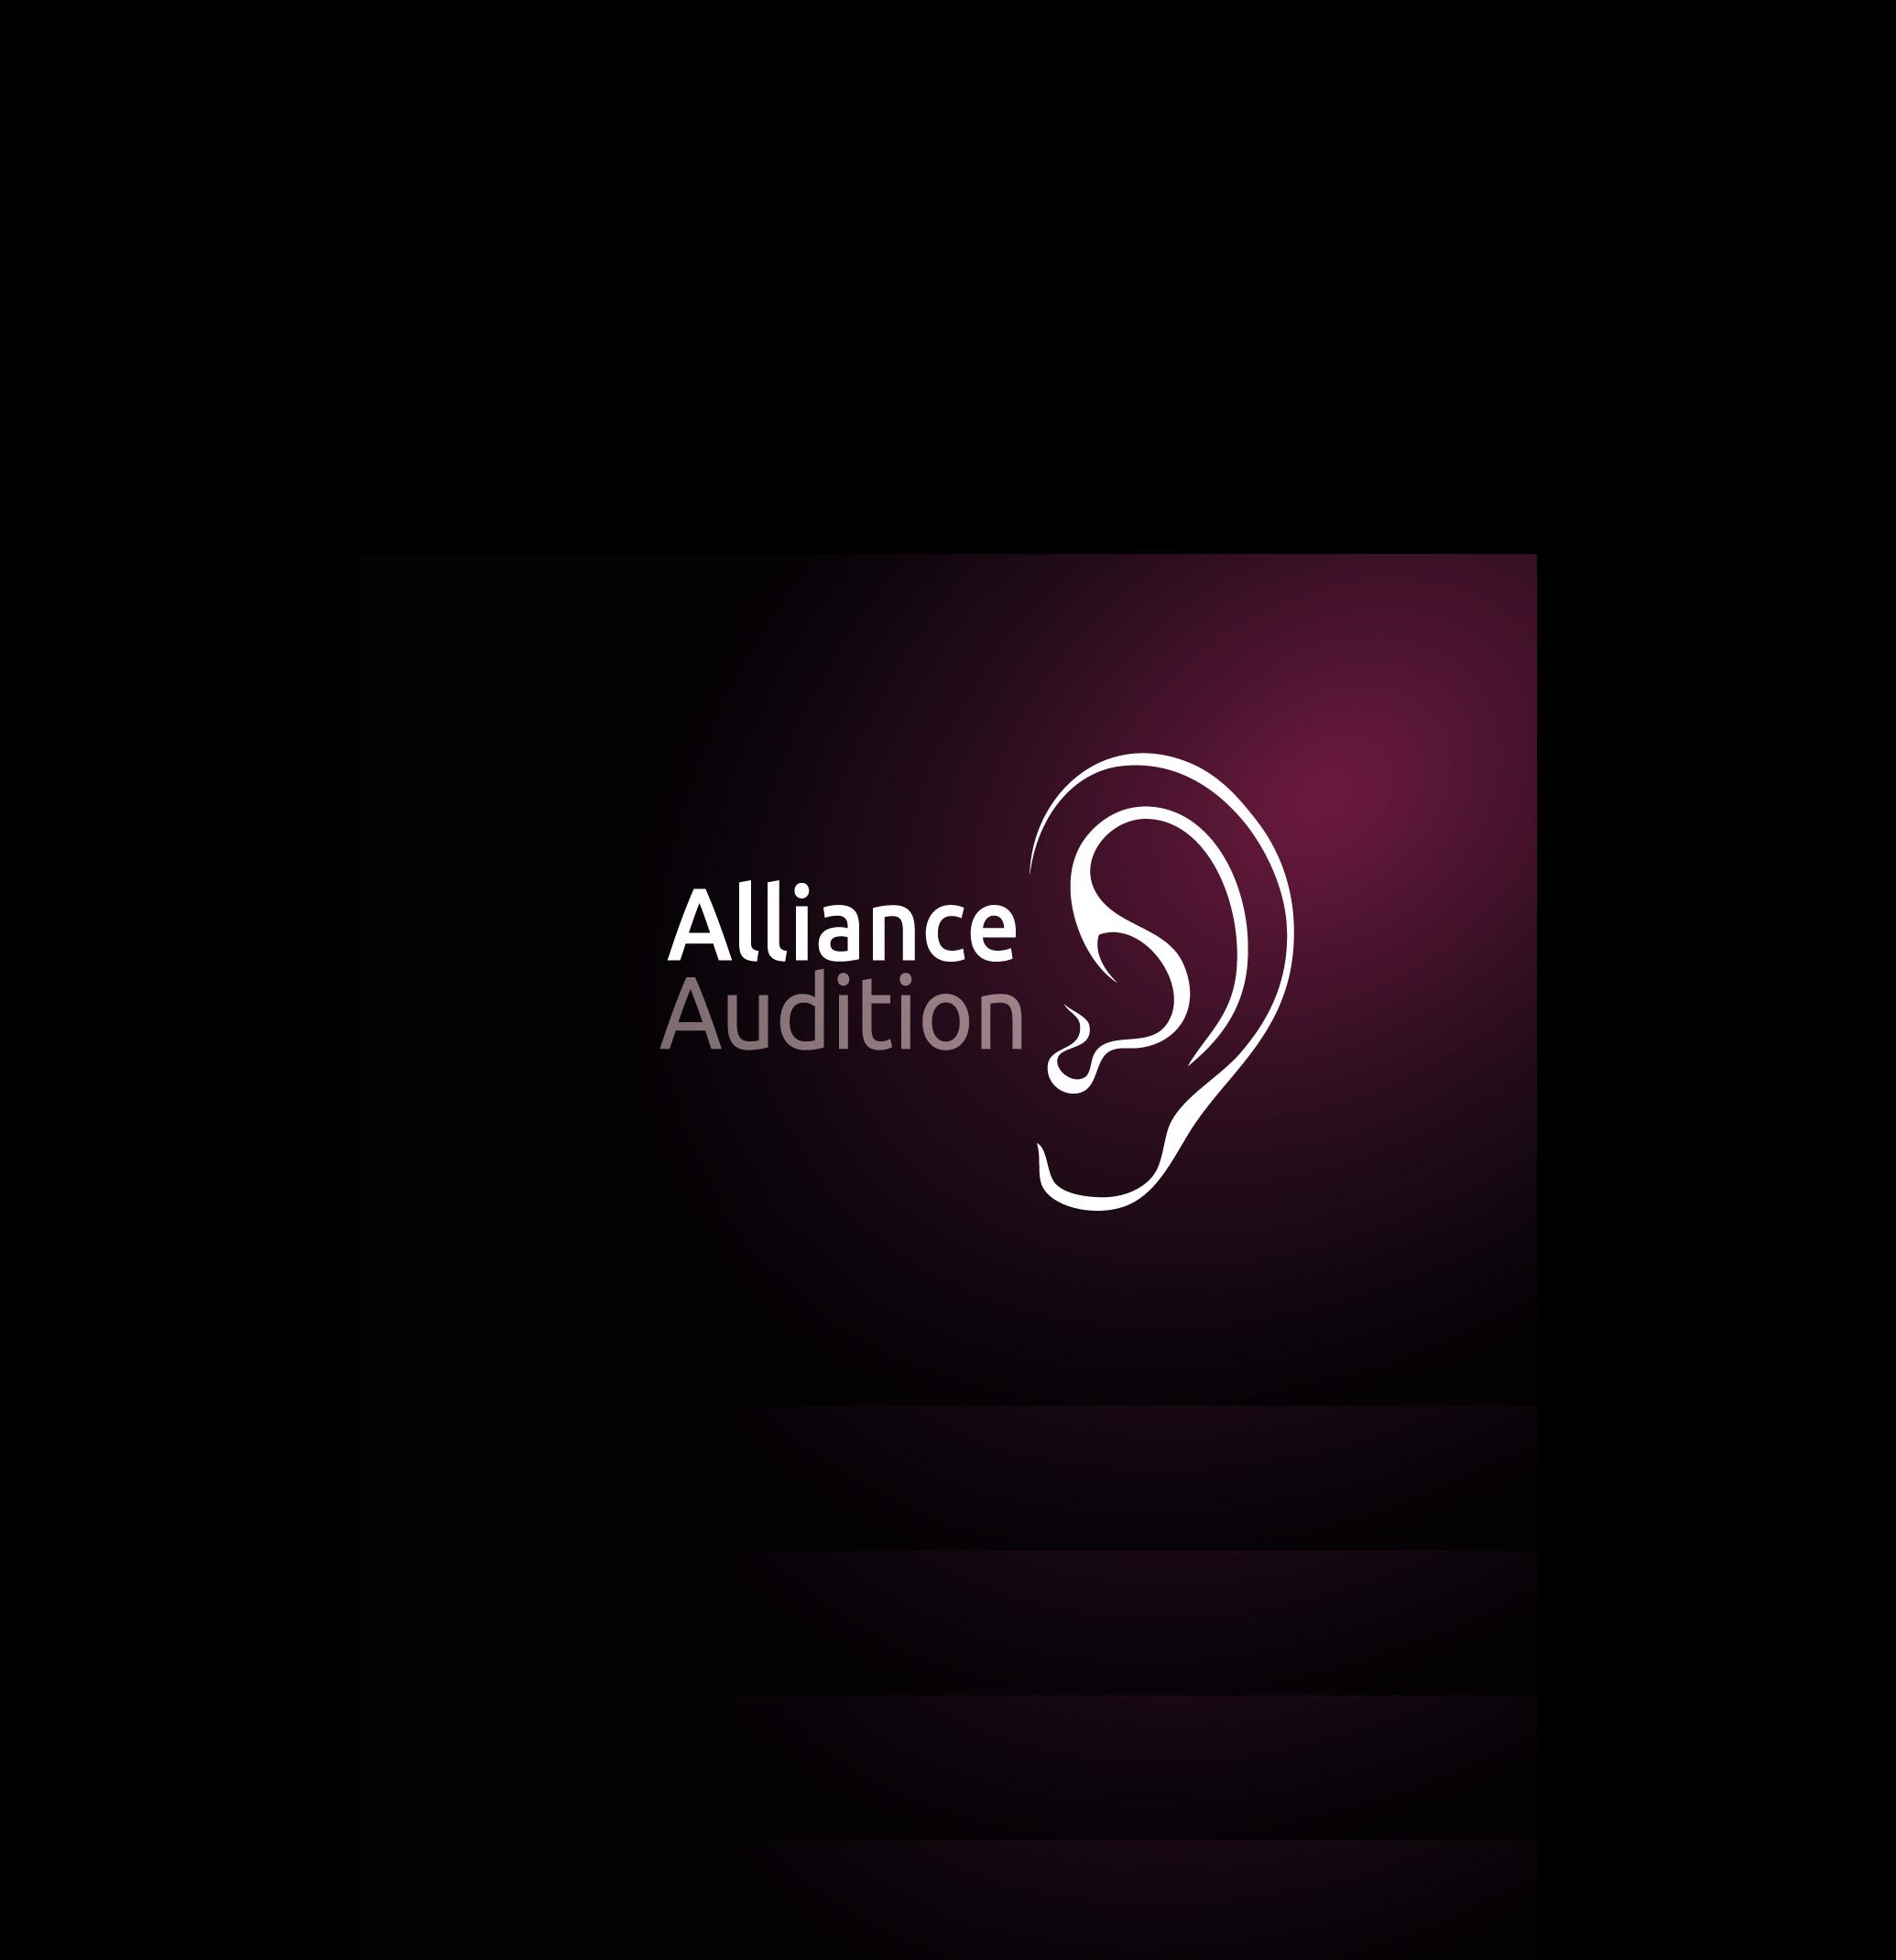 audioprothesiste montpellier Trouvez un audioprothésiste à montpellier, découvrez le prix d'un appareil  auditif et obtenez un test auditif gratuit.